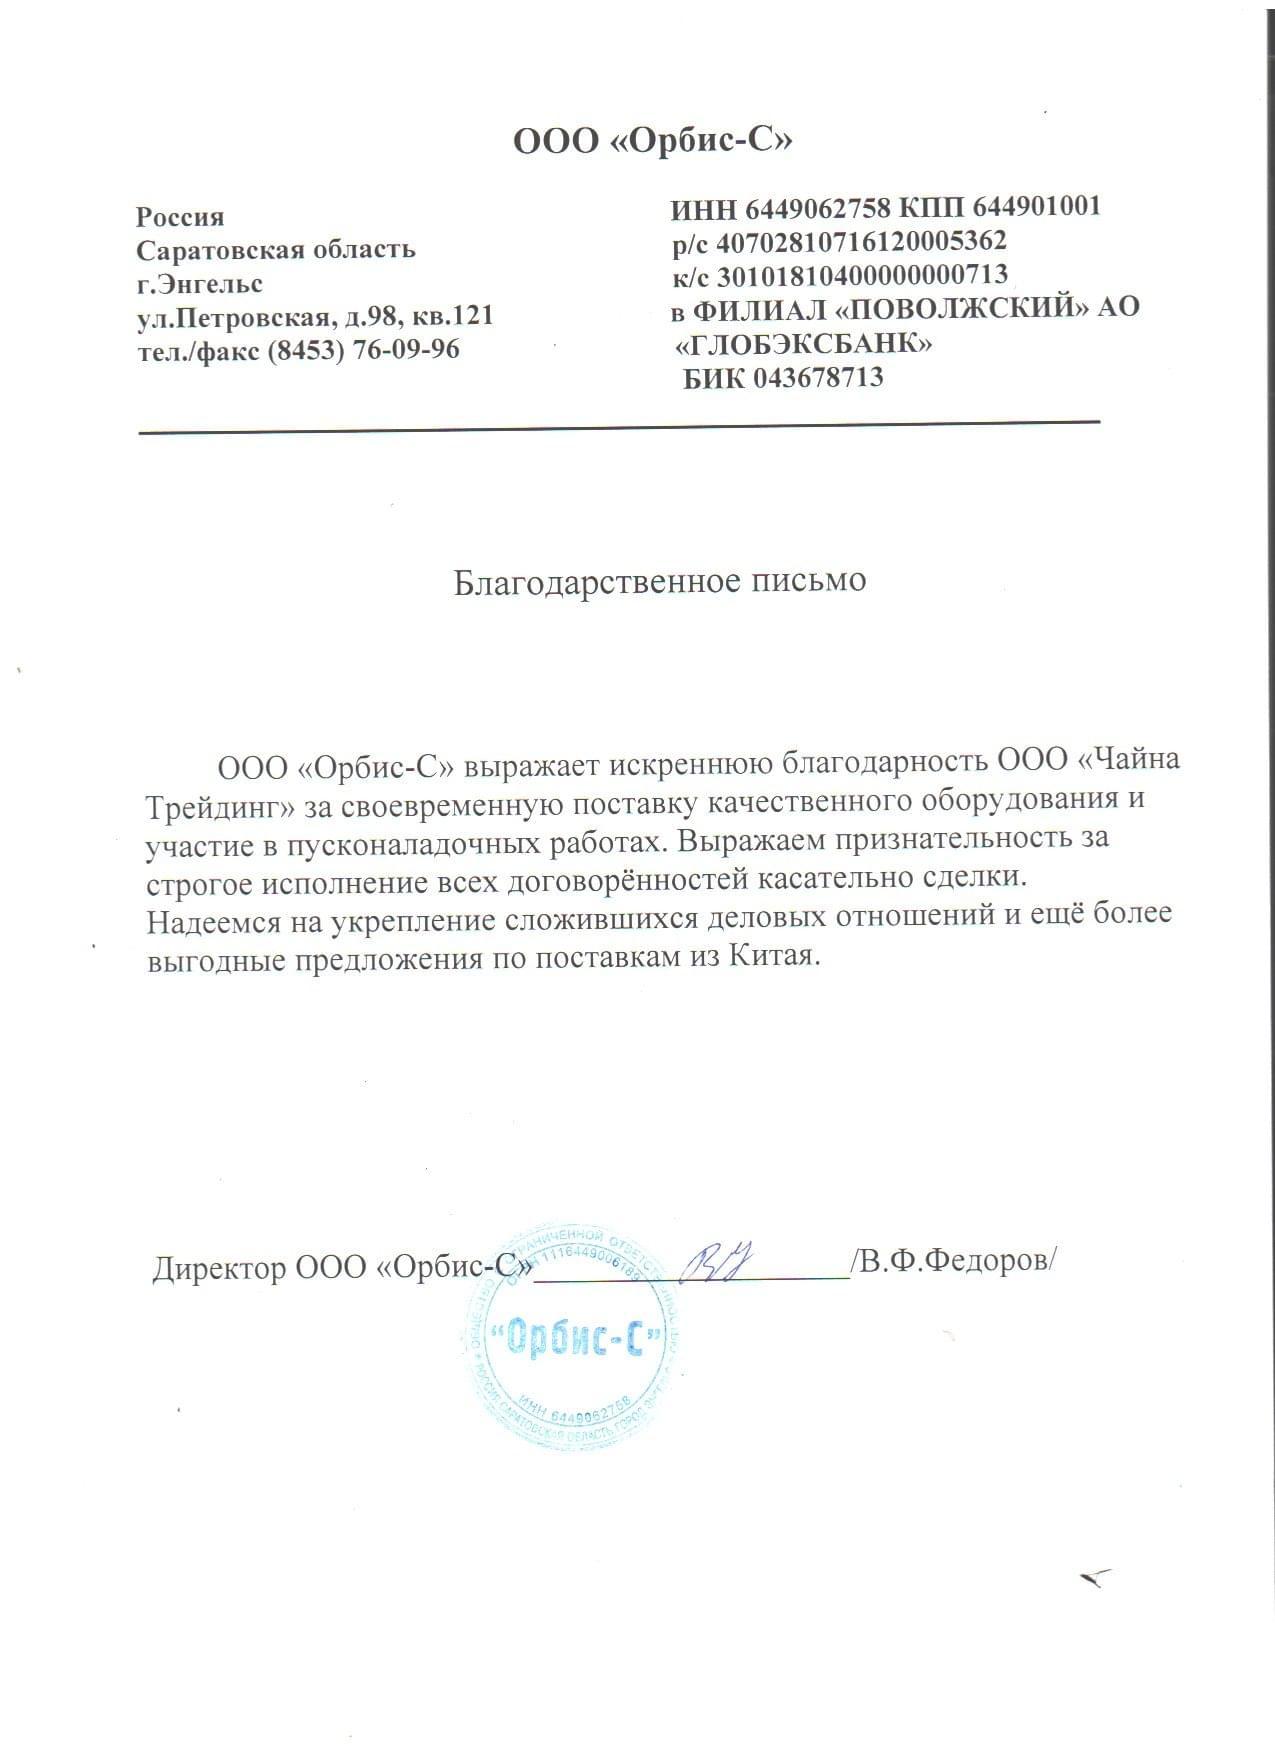 Благодарственное письмо от В.Ф.Федорова (Орбис С)